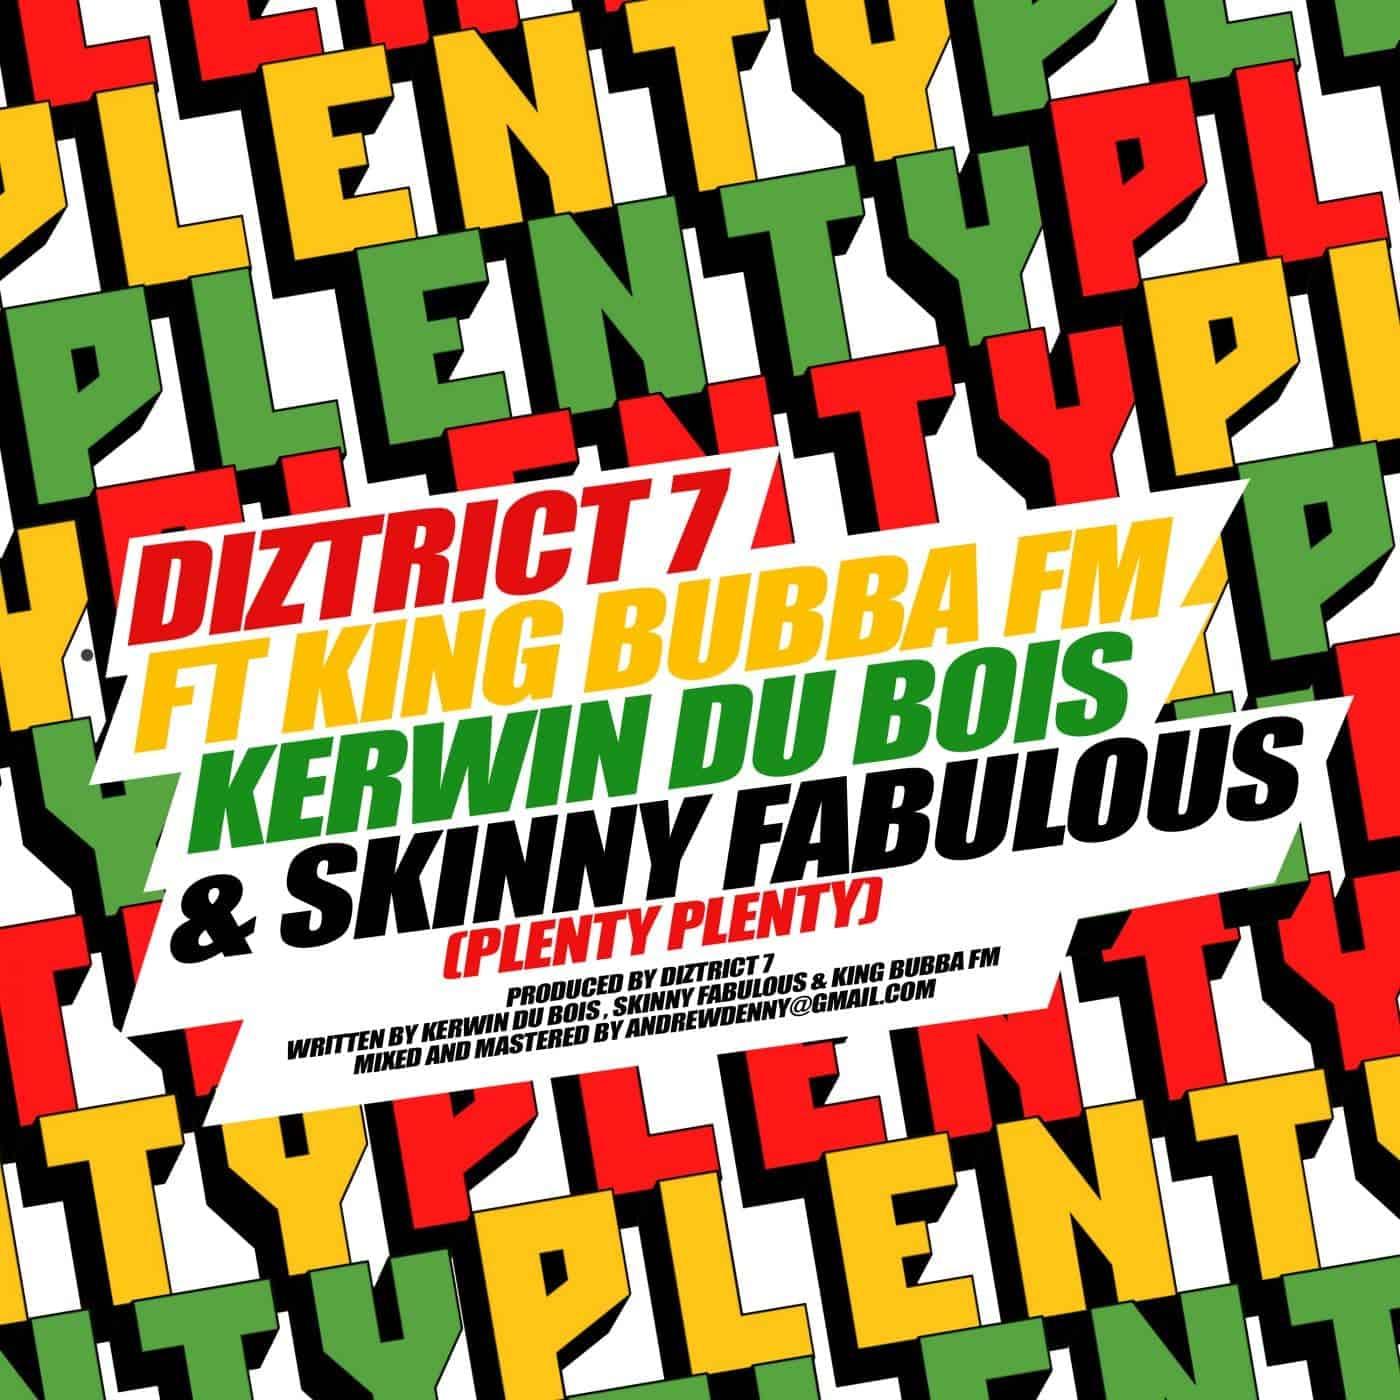 """Diztrict 7 feat King Bubba FM Kerwin Du Bois & Skinny Fabulous """"Plenty Plenty"""""""